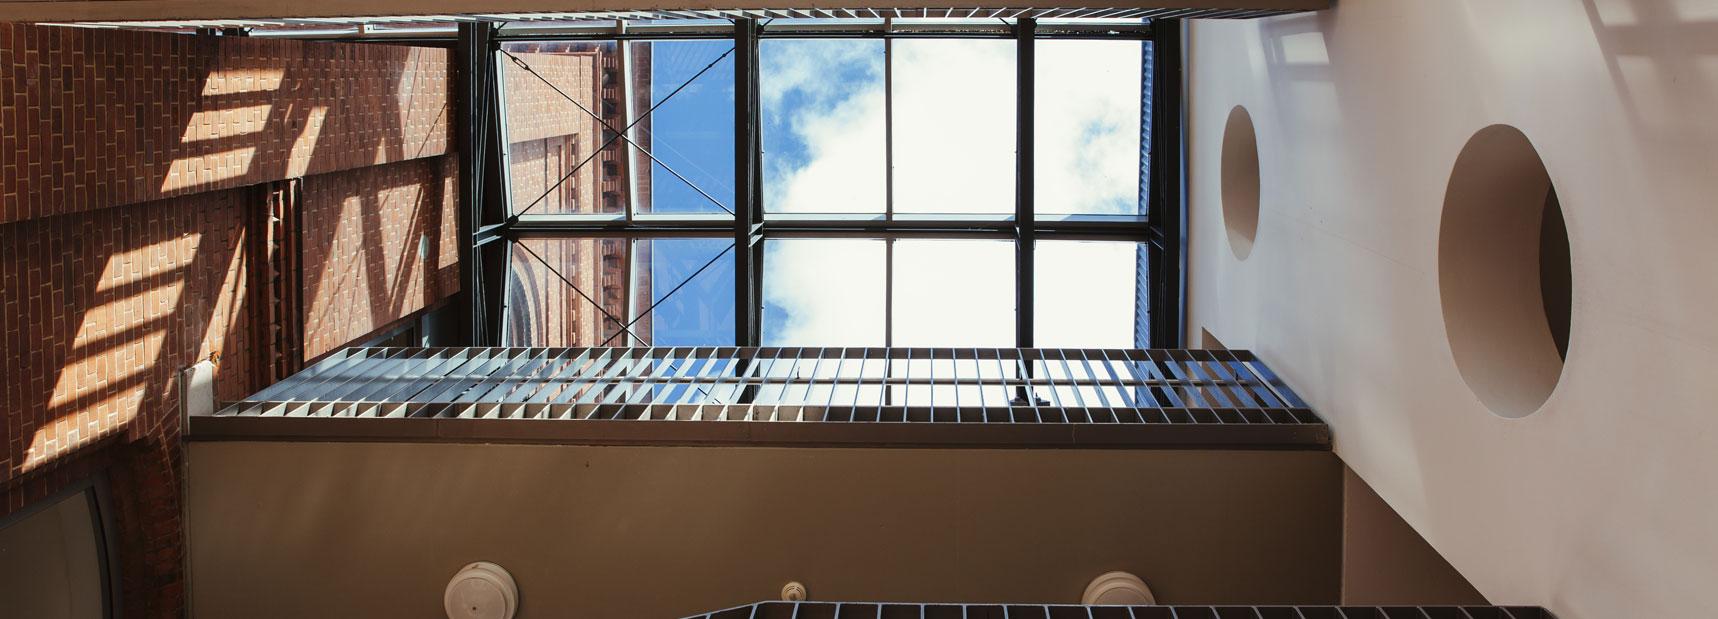 Das Treppenhaus der Schule Rothestraße von unten nach oben fotografiert. Oben sieht man durch das Glasdach den Himmel mit Wolken.